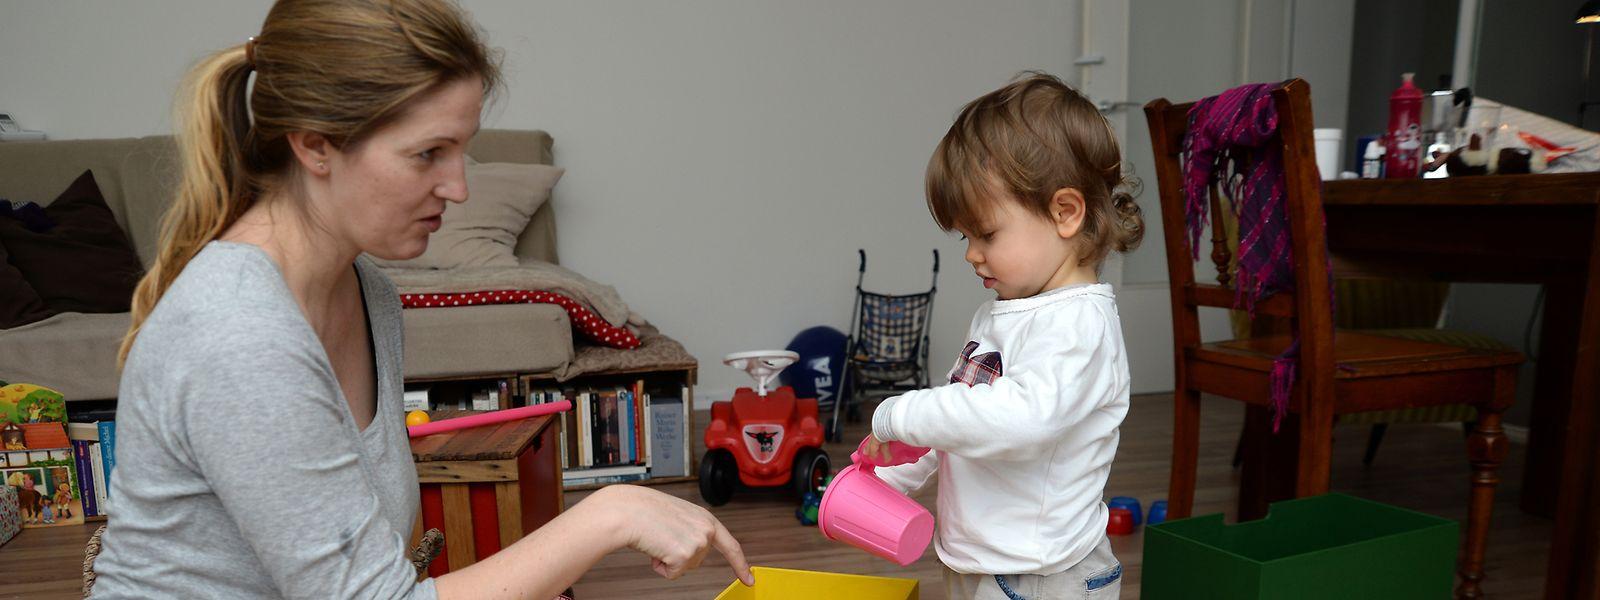 Besser auf Augenhöhe: Statt aus dem Nebenzimmer zu schimpfen, sollten Eltern Kindern konkret erklären, dass etwa alle Spielsachen vom Boden in die Kiste sollen.